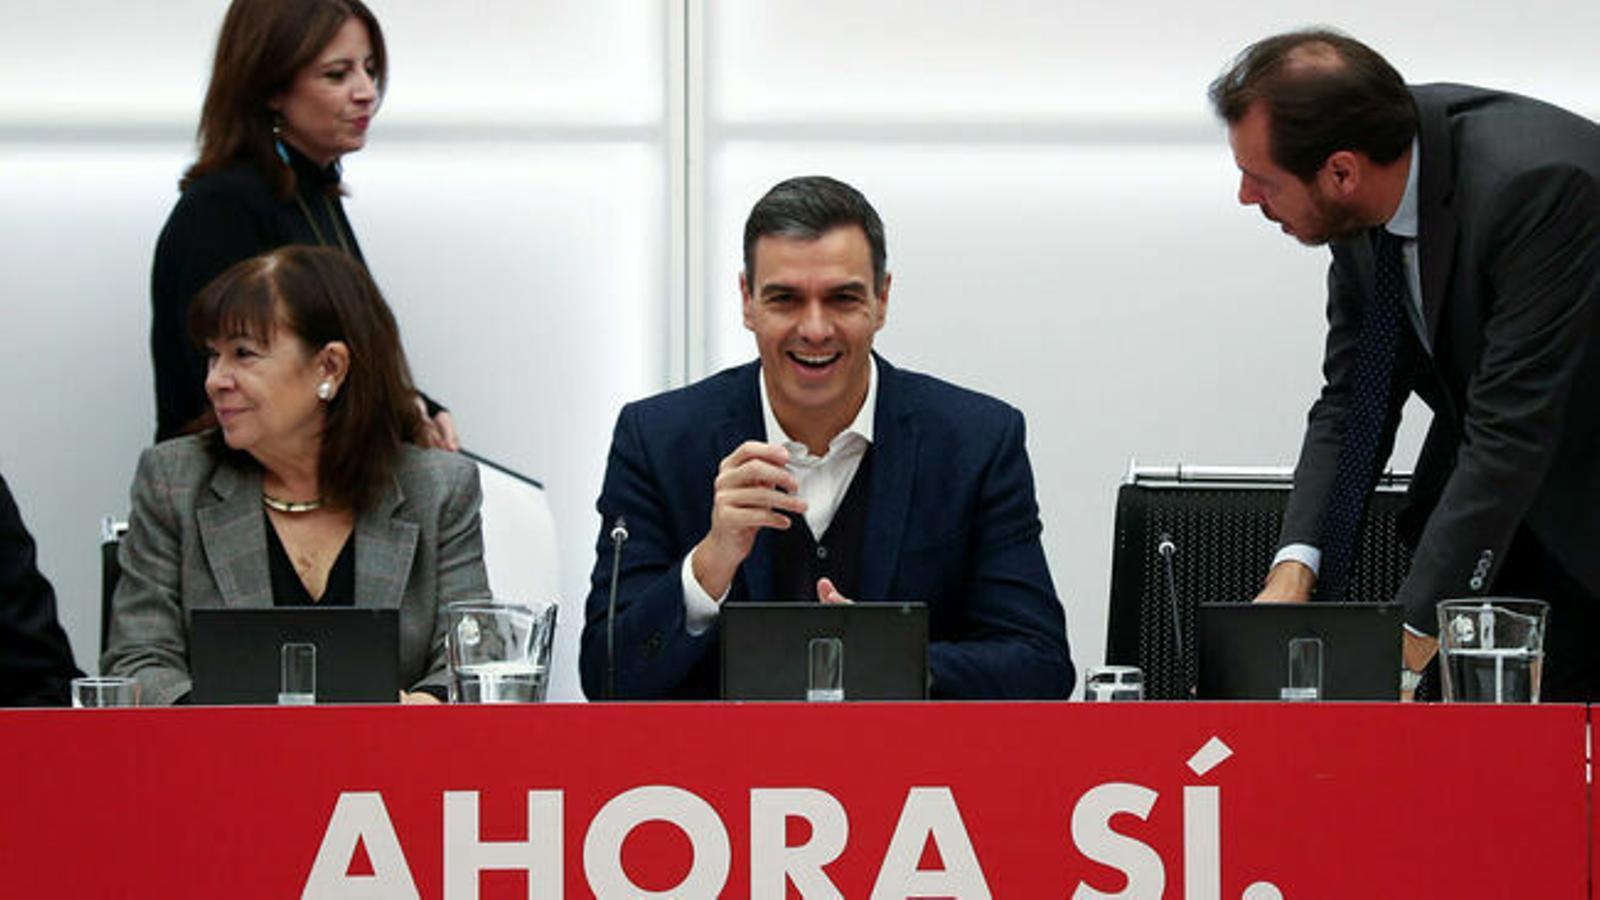 Sánchez intentarà la investidura sense el PP ni els independentistes